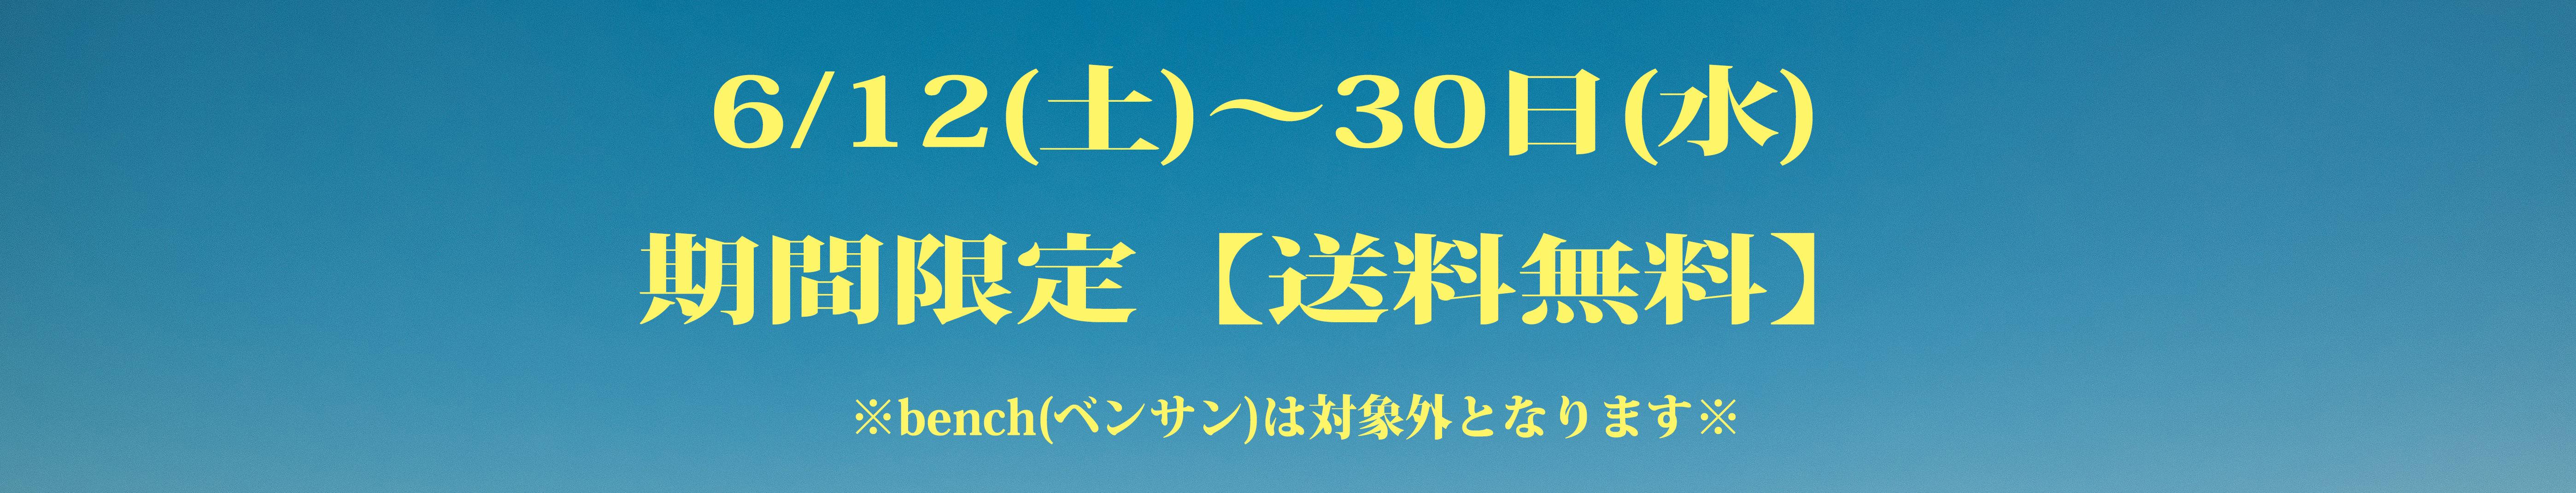 期間限定【送料無料】を開催